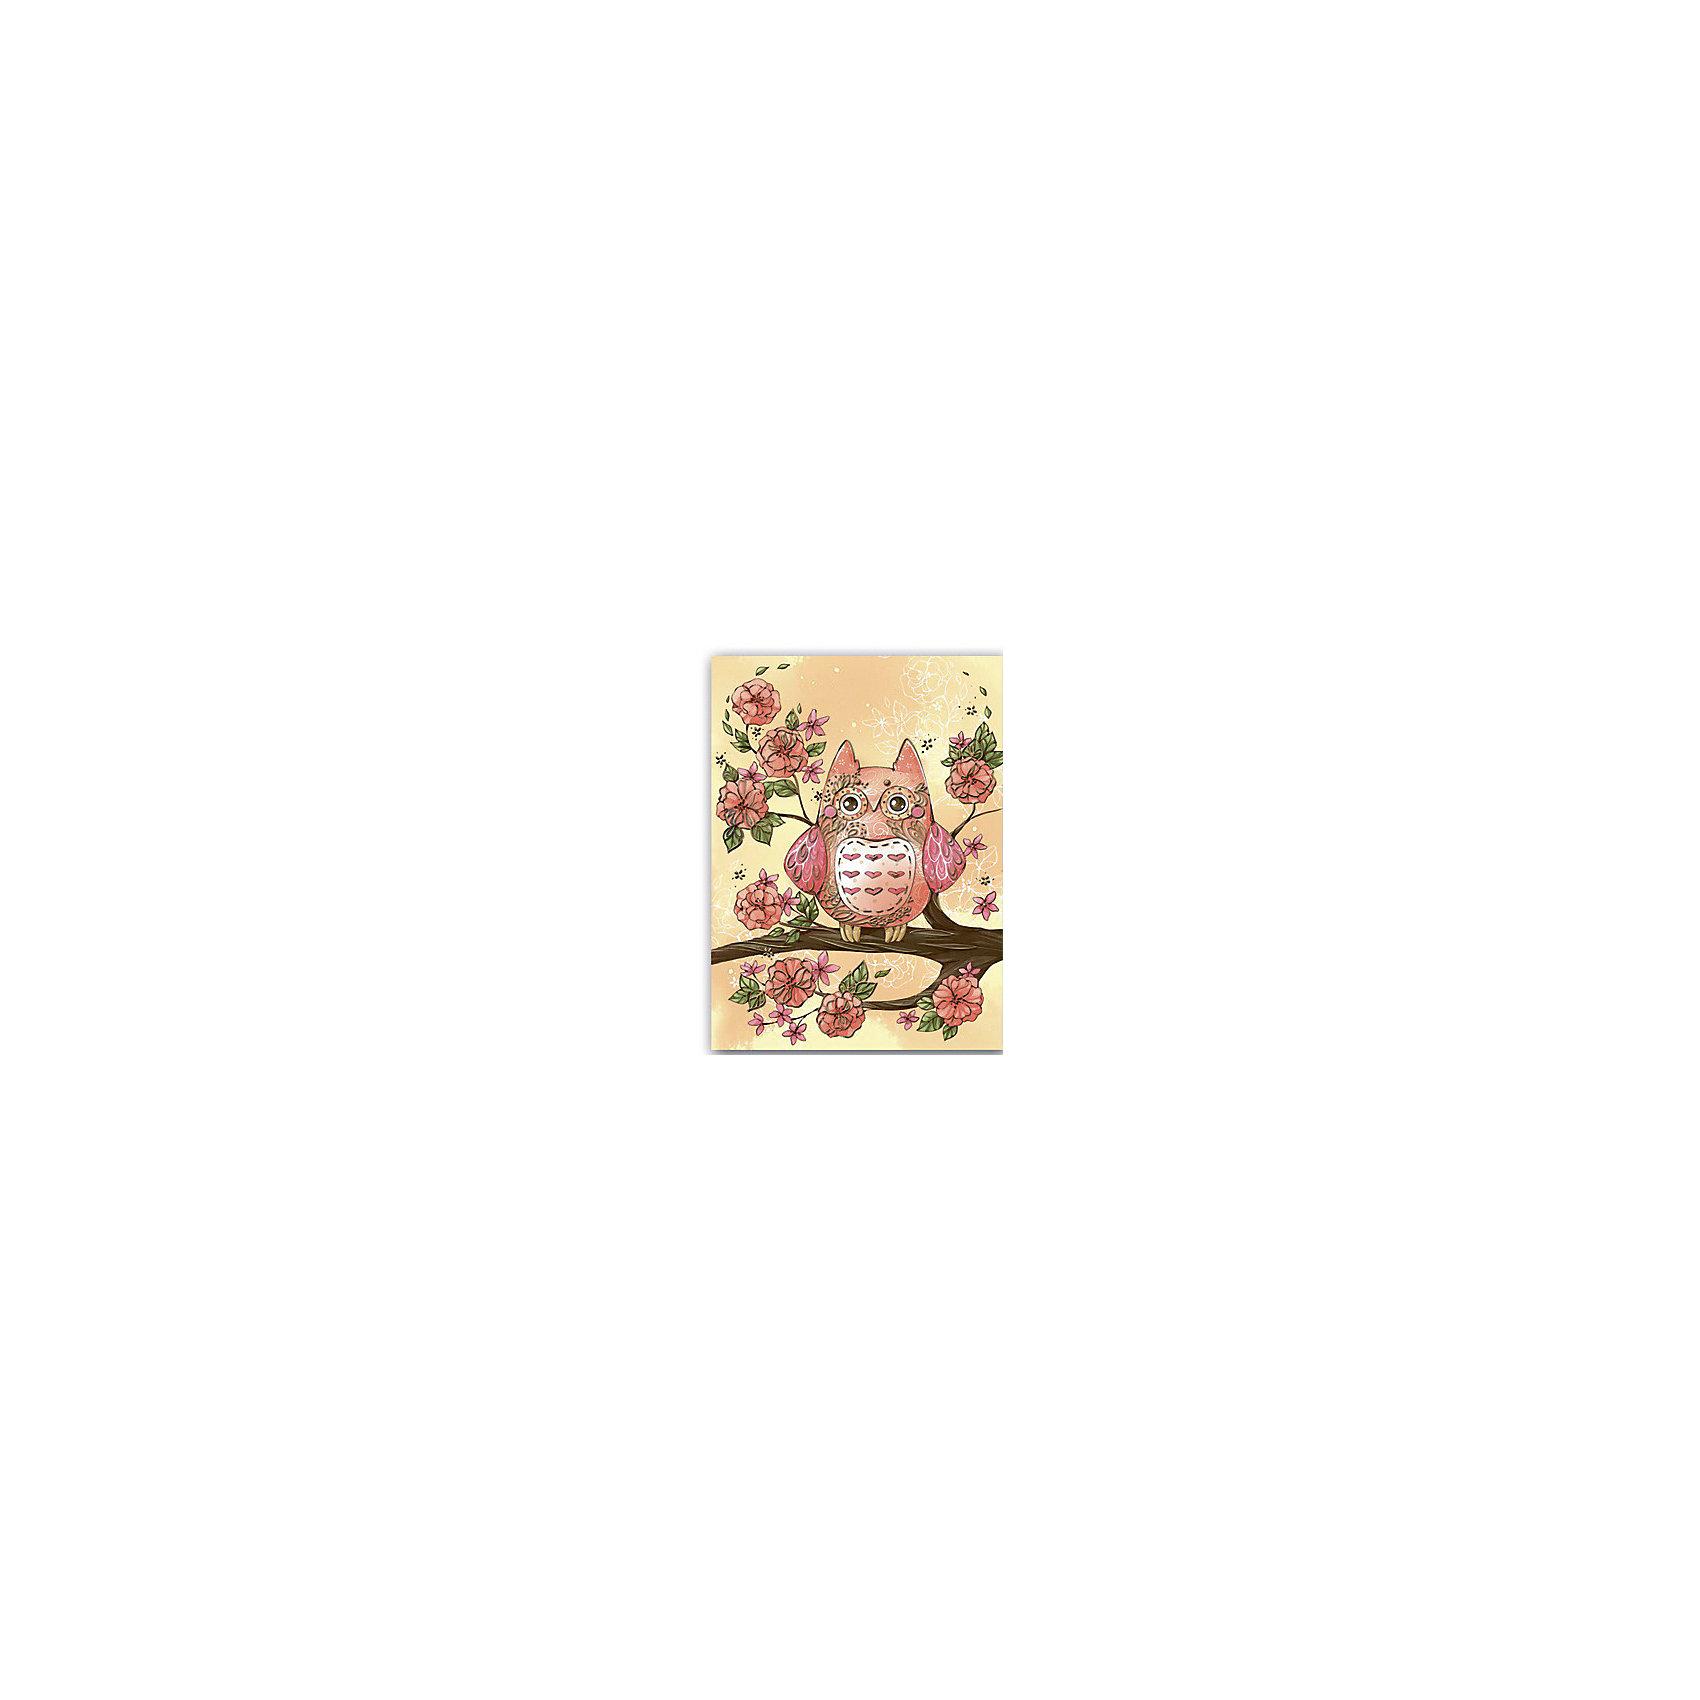 Записная книжка Сова А6, 160 листовБумажная продукция<br>Красивая записная книжка, украшенная оригинальным рисунком, стразами и фольгой обязательно понравится девочке и станет желанным подарком на любой праздник. Плотные страницы идеально подойдут для рисунков и записей, а прочная красивая обложка надежно сохранит все девичьи секреты!  <br>Небольшой формат позволяет брать записную книжку куда угодно - она запросто поместится в любой сумочке и всегда будет под рукой! <br><br>Дополнительная информация:<br><br>- Обложка: твердая, 7БЦ с печатью по металлизированной бумаге, тиснение серебряной фольгой. <br>- Количество страниц: 160.<br>- Формат А6 (15 х 11 см.).<br><br>Записную книжку Сова, А6, можно купить в нашем магазине.<br><br>Ширина мм: 110<br>Глубина мм: 145<br>Высота мм: 10<br>Вес г: 130<br>Возраст от месяцев: 48<br>Возраст до месяцев: 2147483647<br>Пол: Женский<br>Возраст: Детский<br>SKU: 4756028